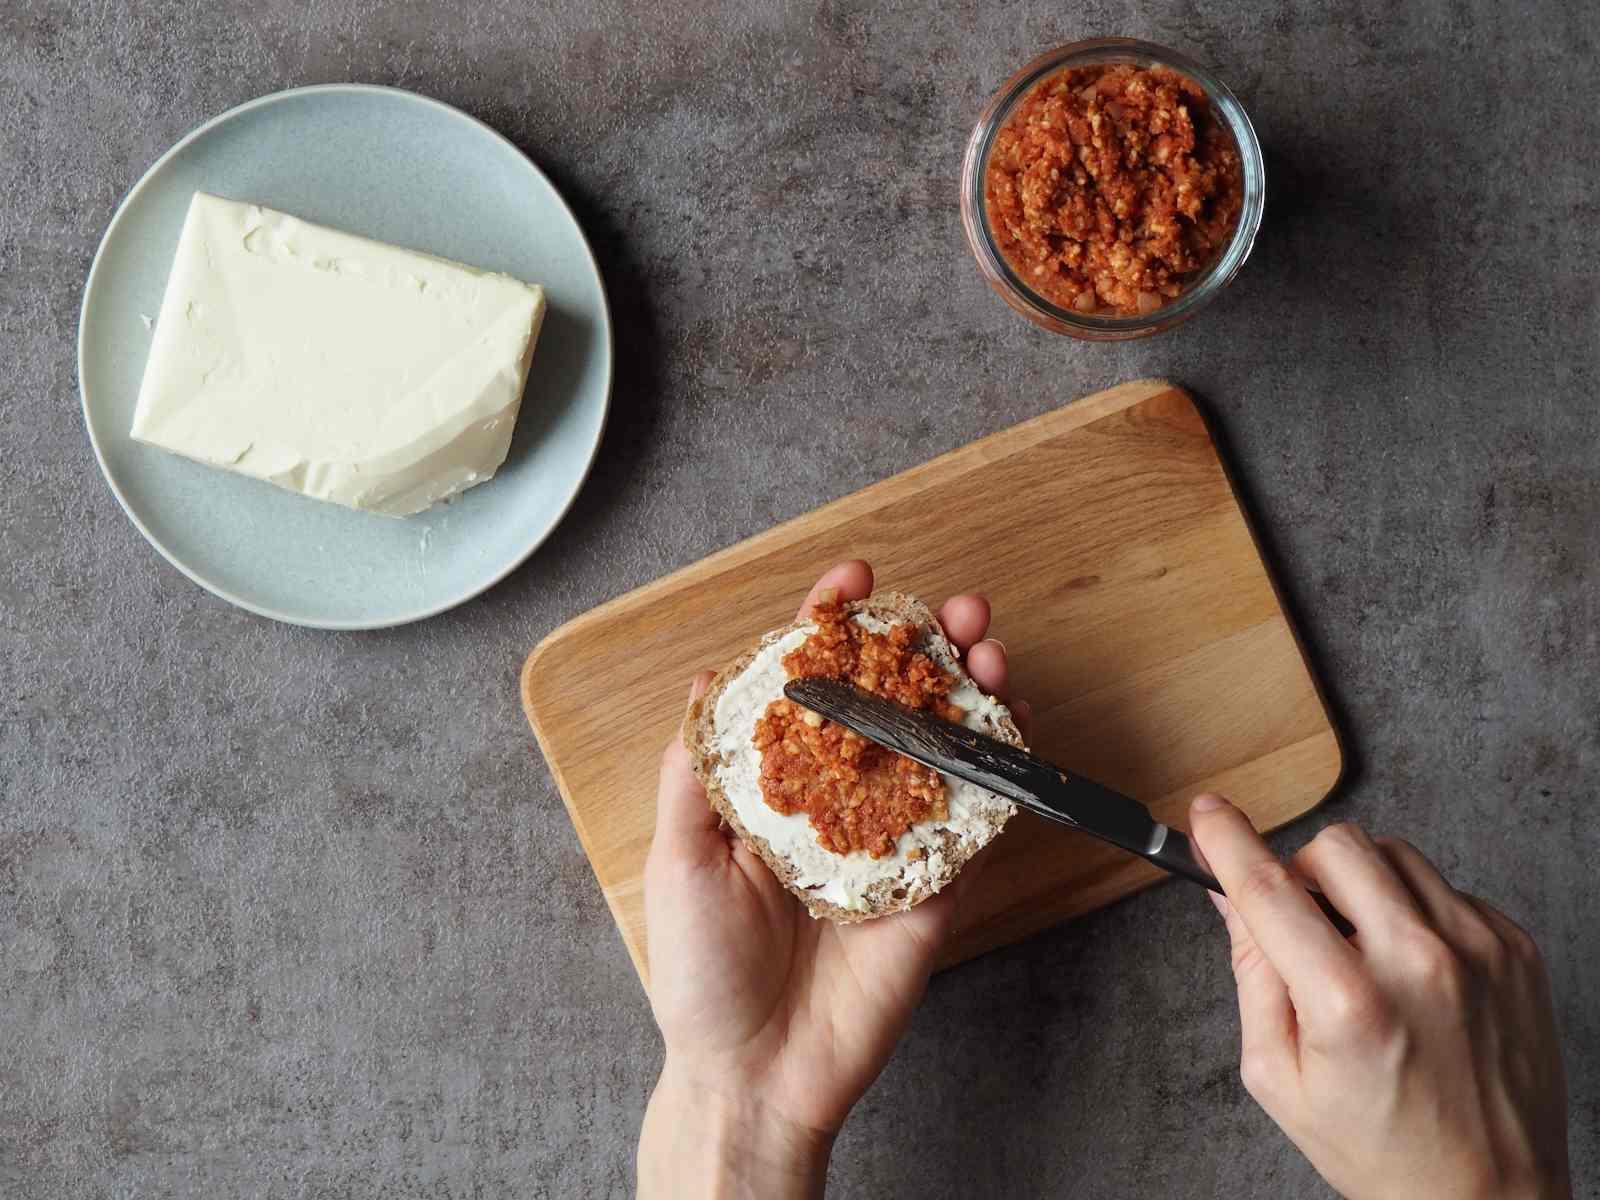 Veganer Brotaufstrich nach Mett-Art wird auf Brötchen geschmiert